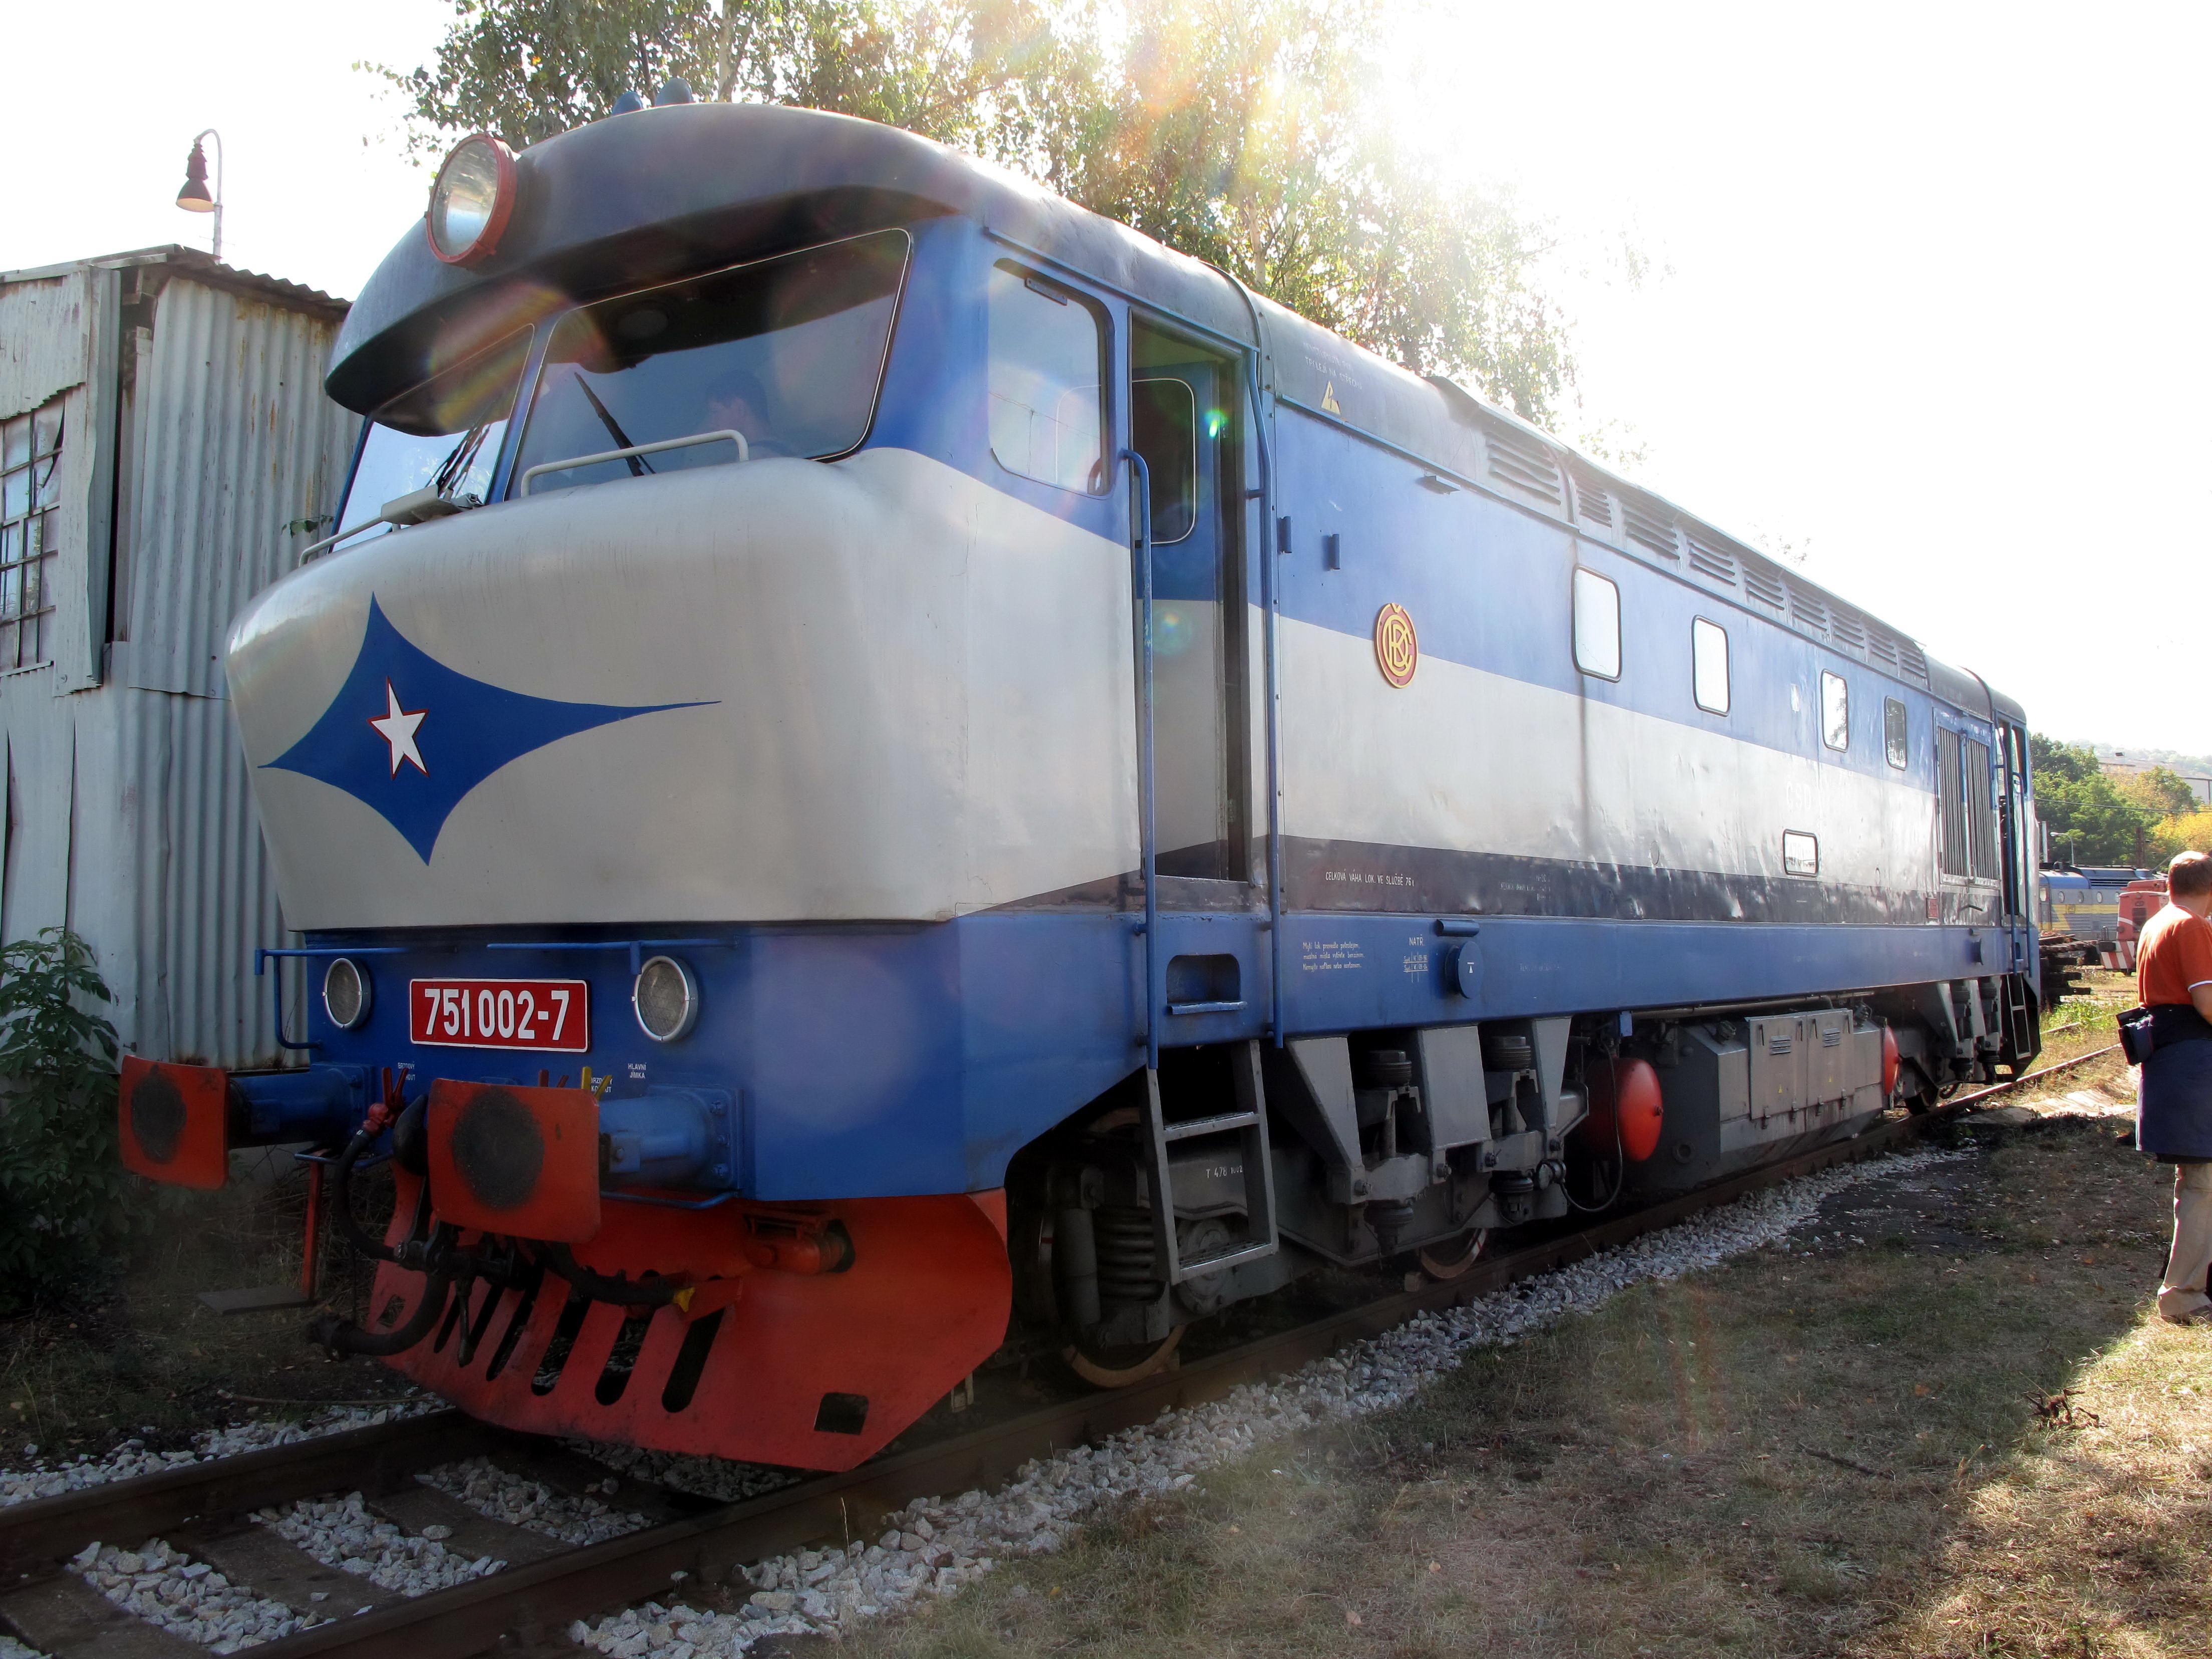 File:Lokomotiva 751 v Maloměřicích.jpg